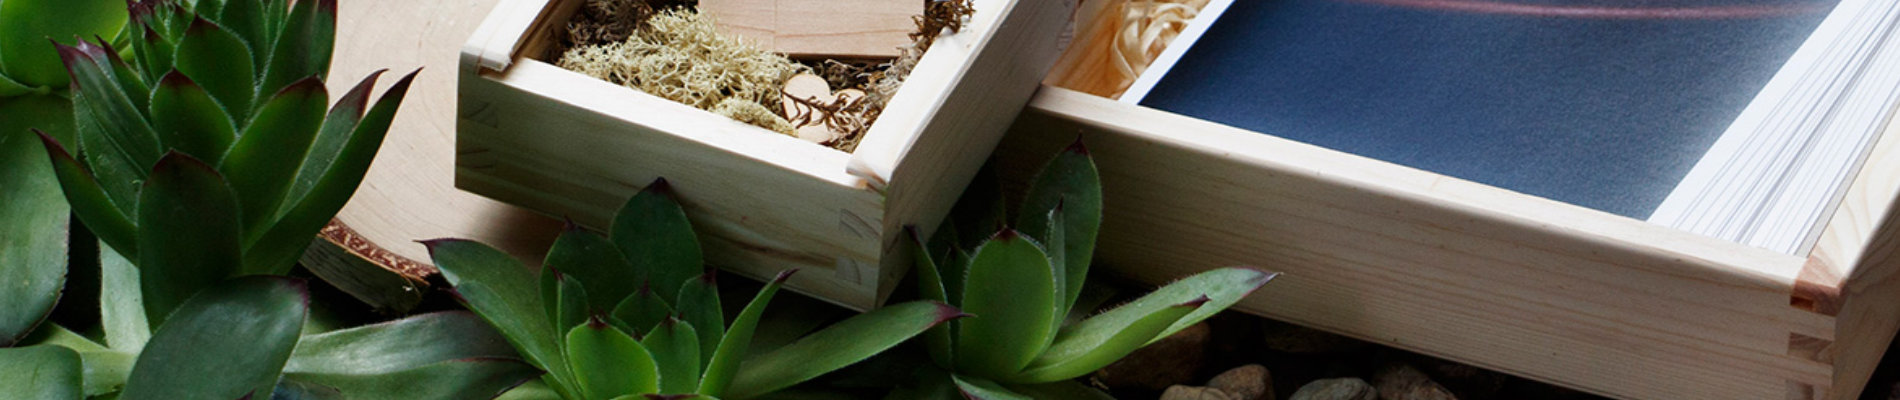 Holzkisten Schiebedeckel Kisten